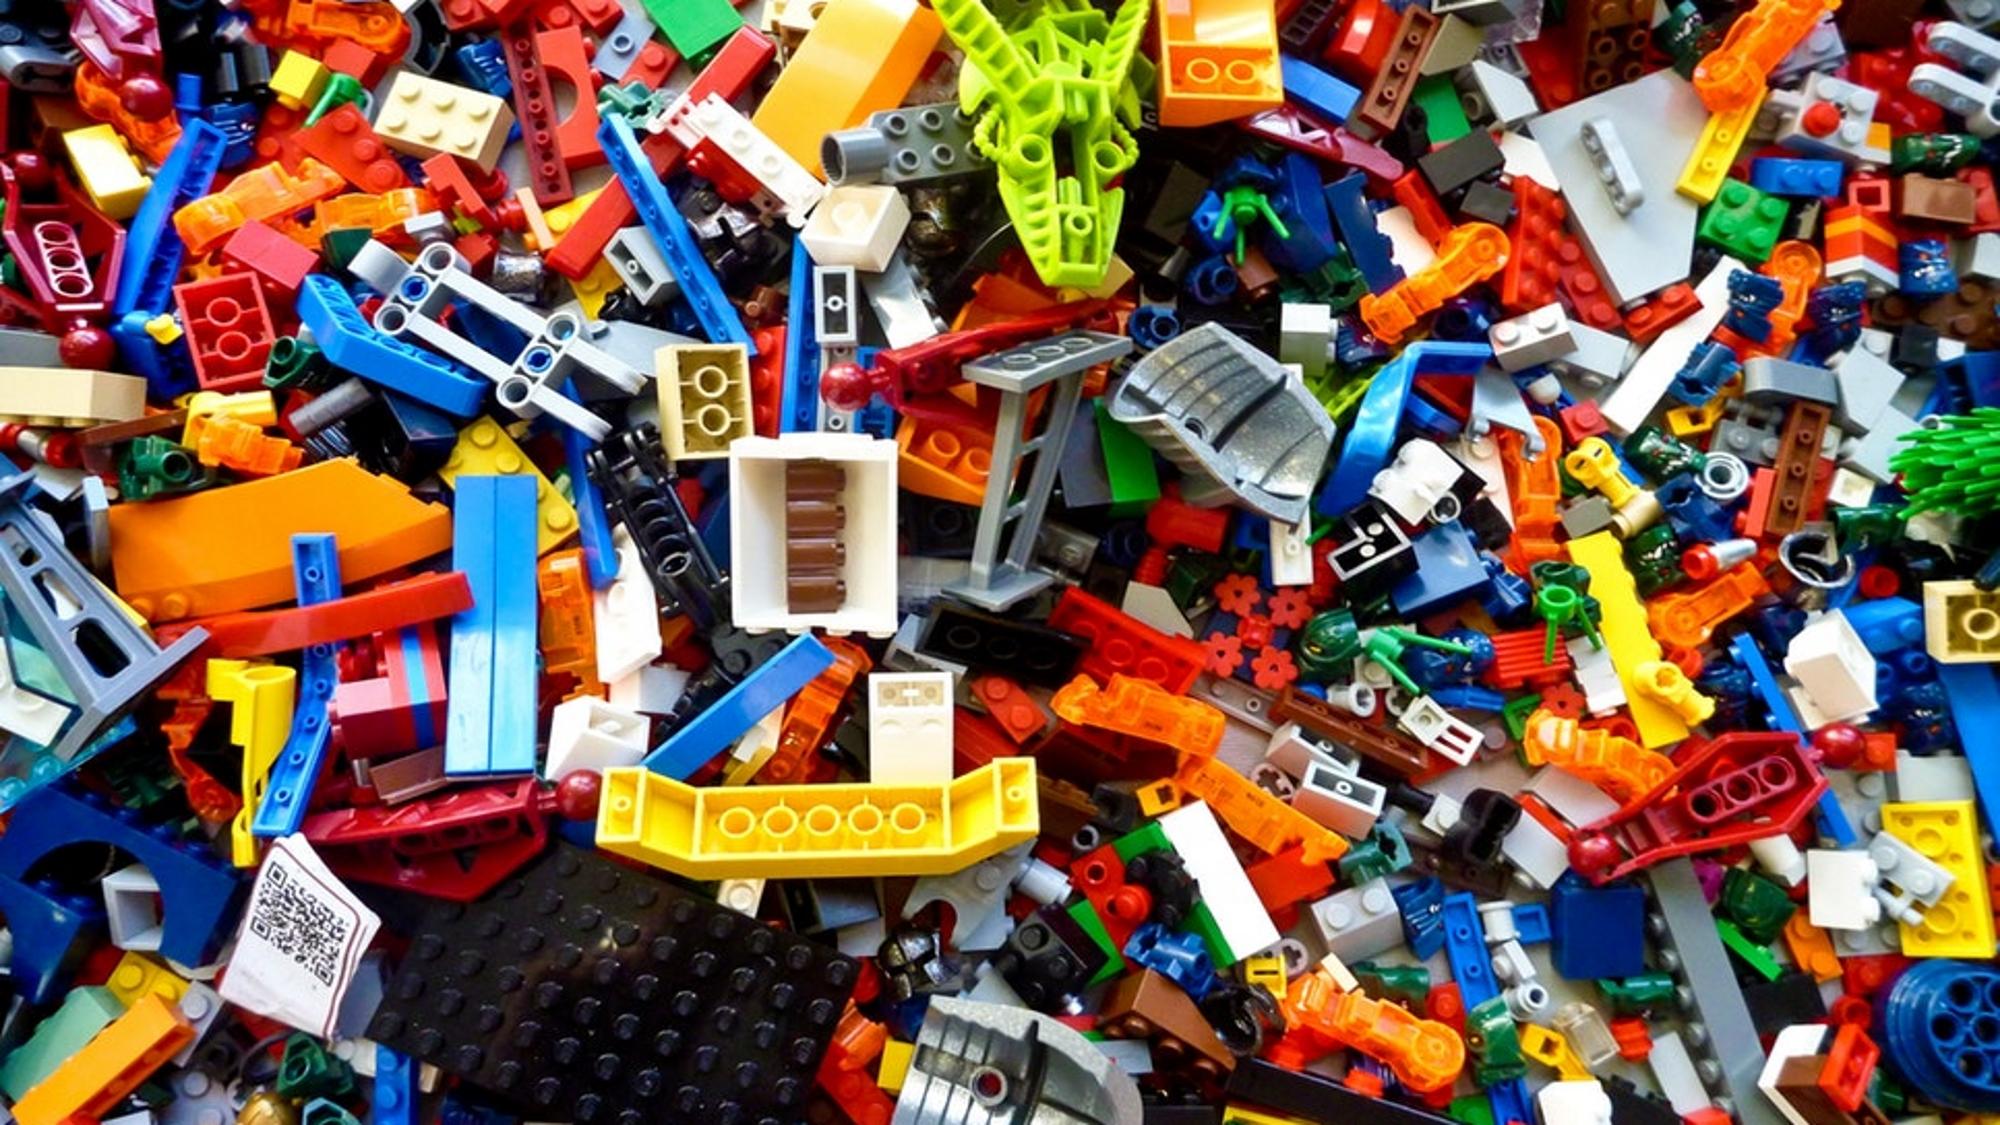 Un dels ponents va explicar conceptes de física quàntica mitjançant peces de LEGO.